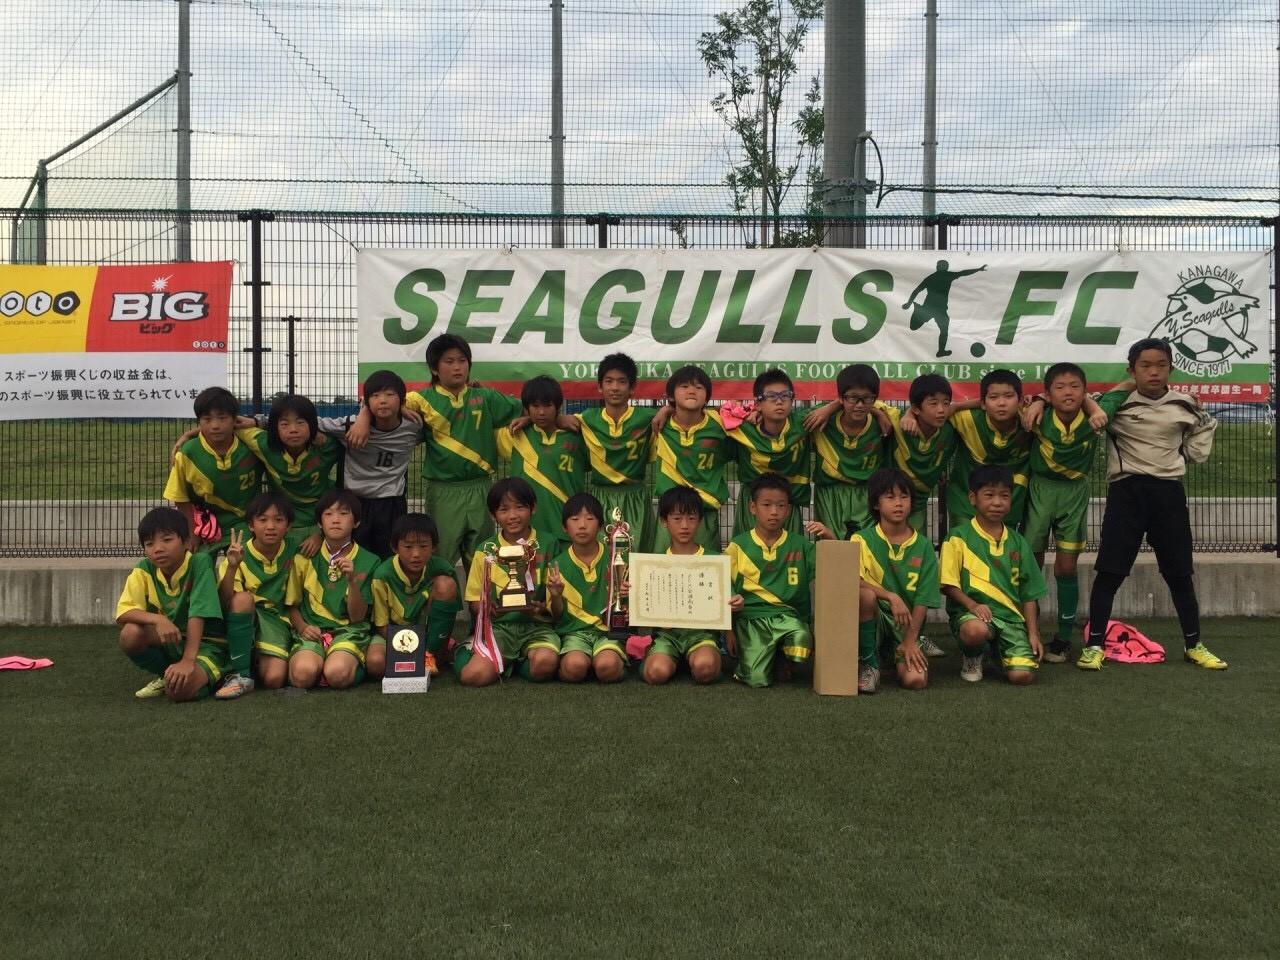 シーガルズ杯 U-11(5年生) 優勝!FC六会湘南台の皆さん